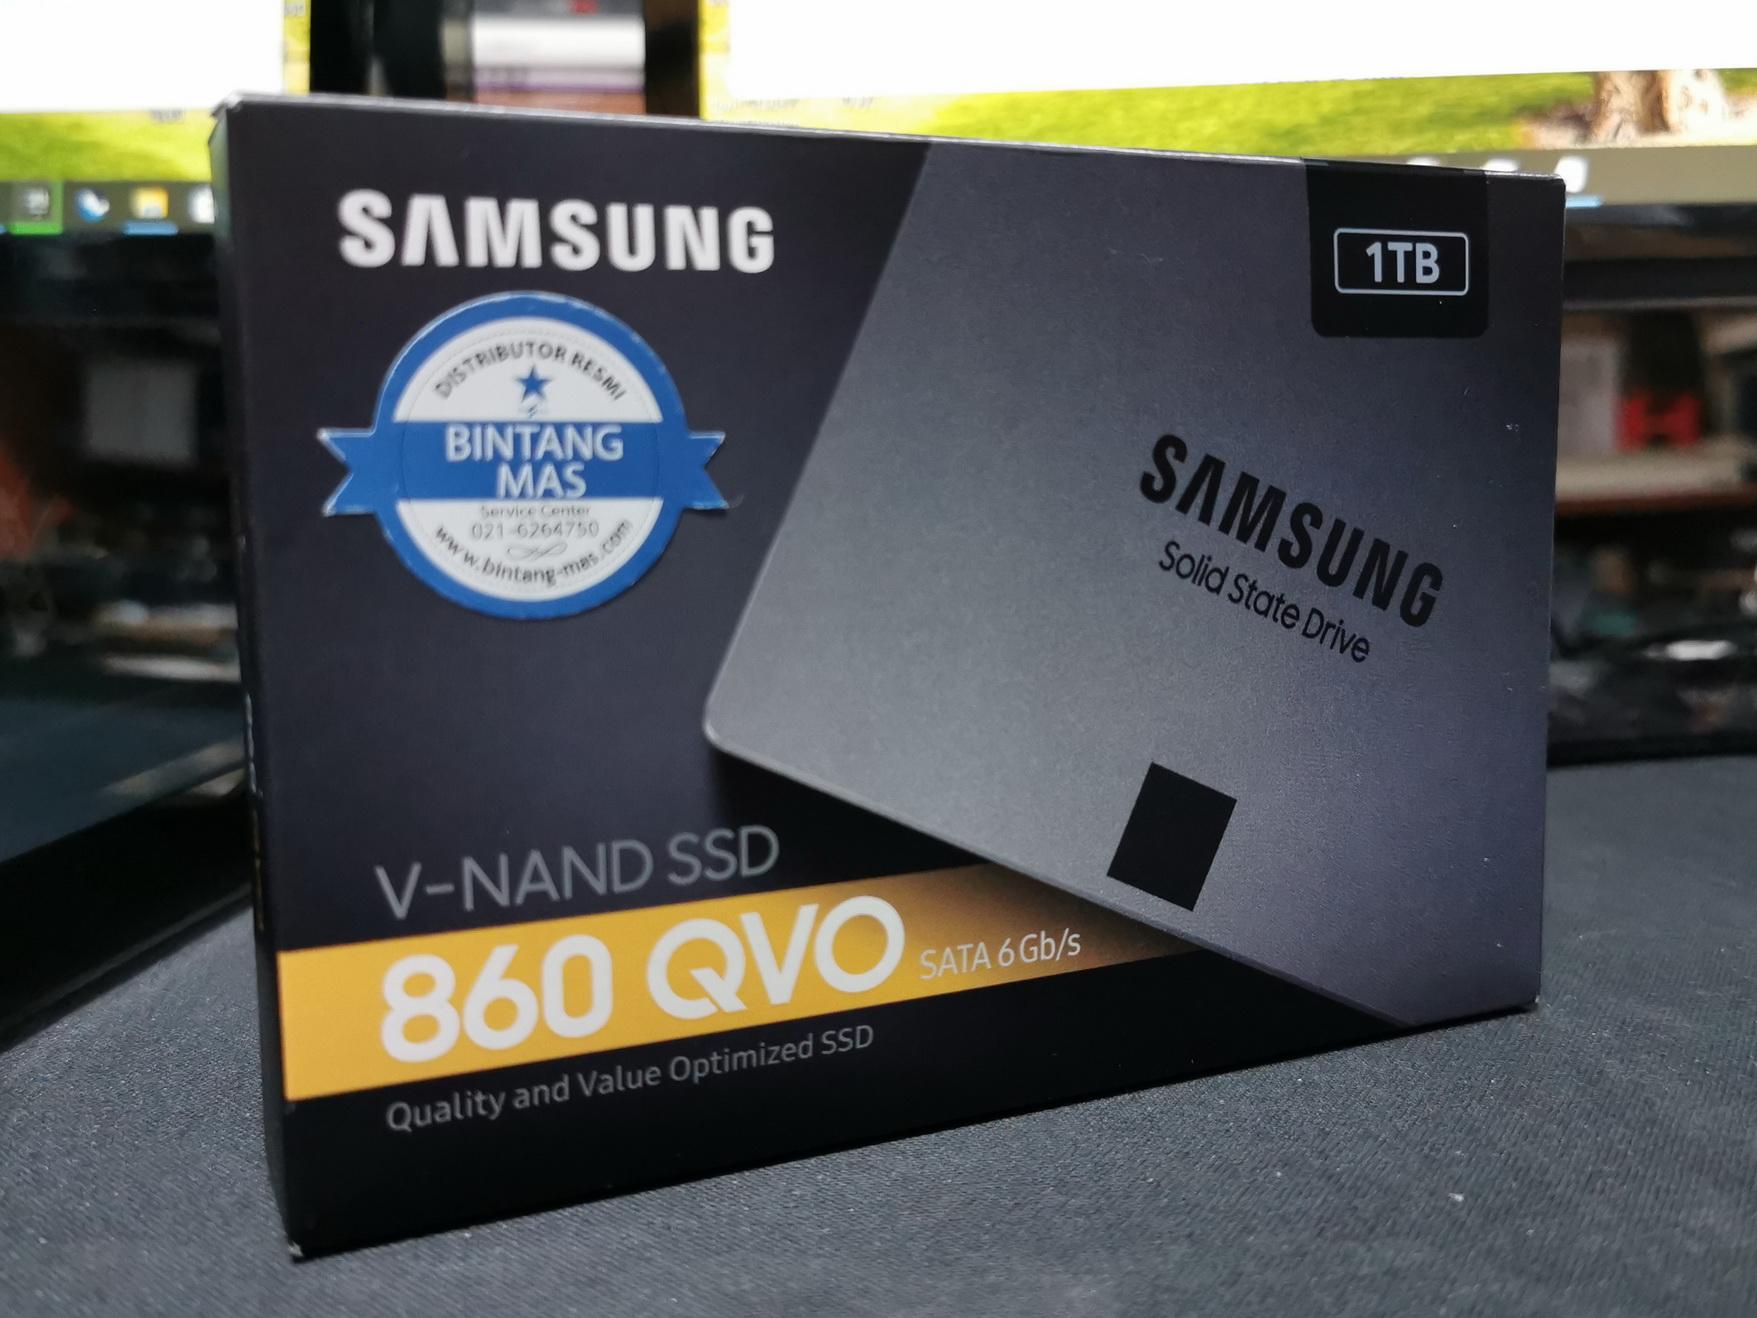 Kotak-Samsung-SSD-860-Qvo-1TB